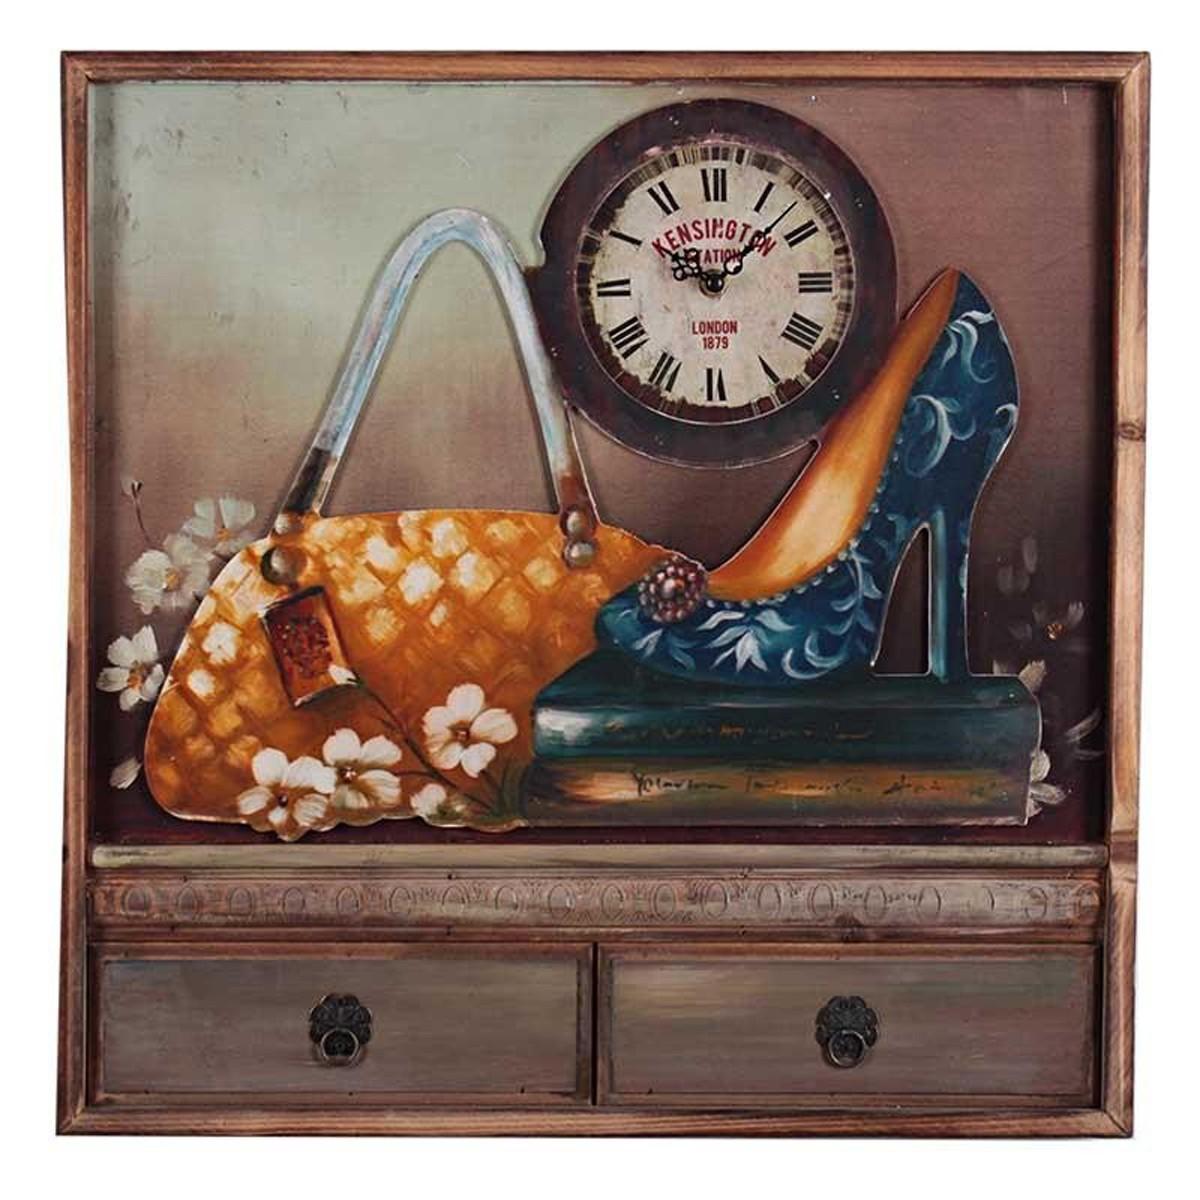 Ρολόι Τοίχου - Πίνακας InArt 3-20-440-0003